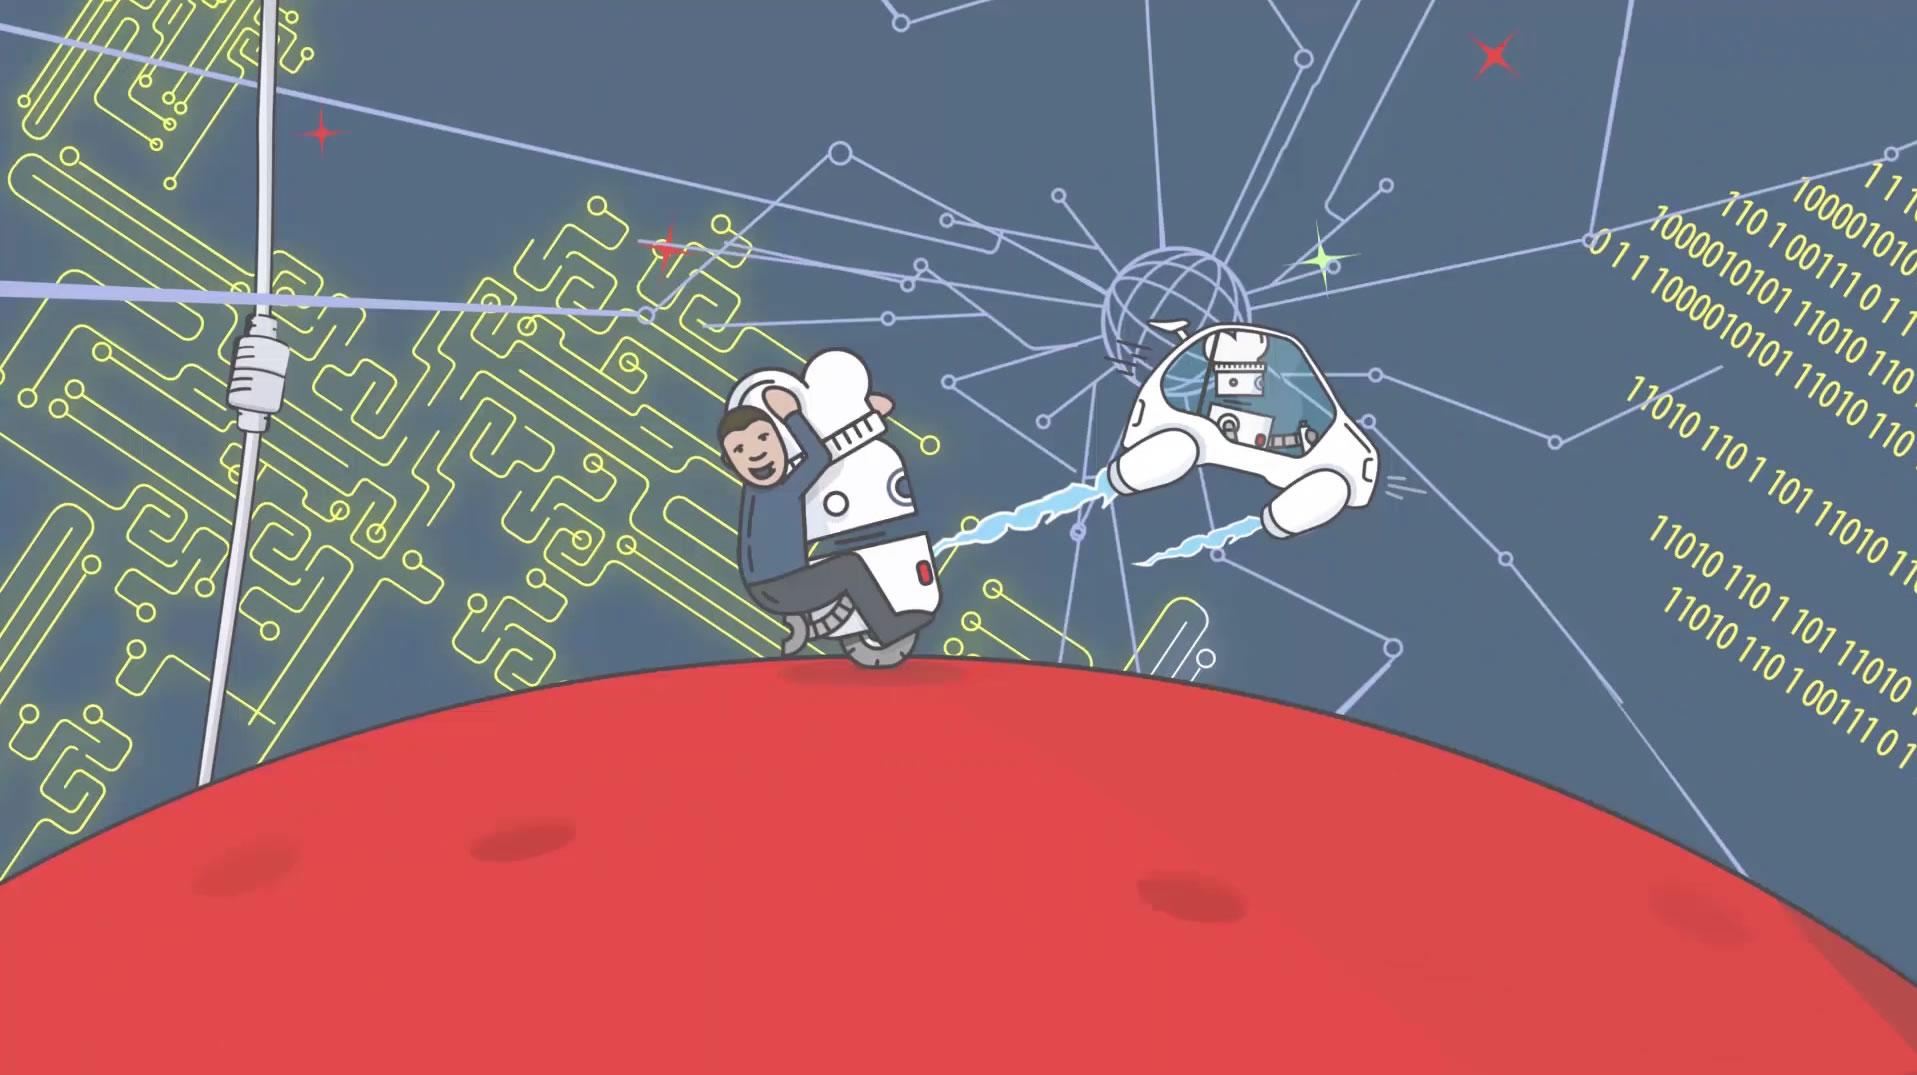 digitale innovatie hero's journey